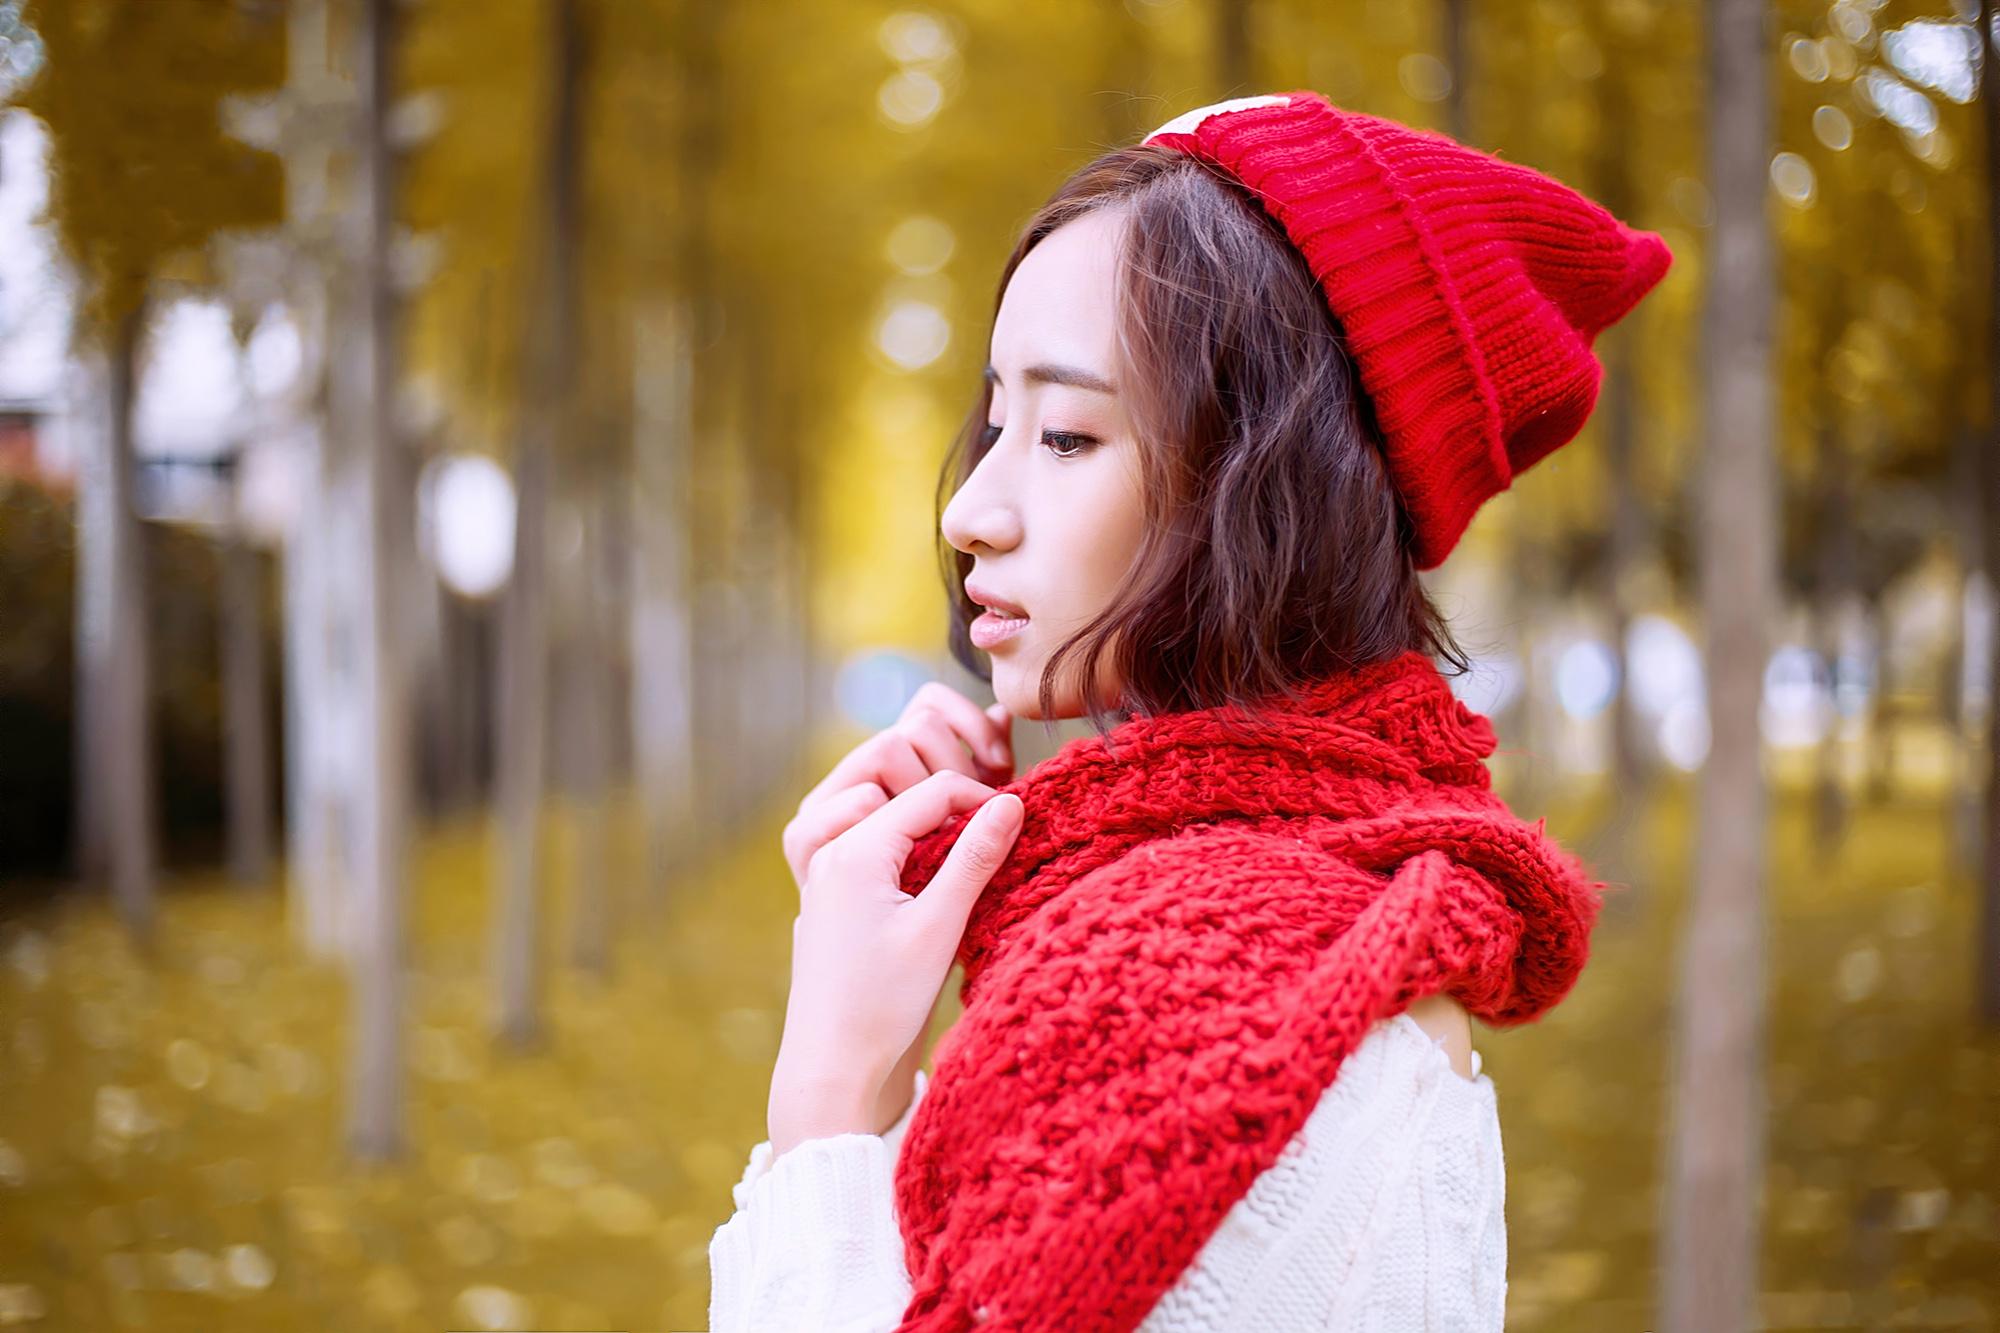 吟一脉深情牟光,舞一曲情暖馨香【情感美文】  -  花仙子  -  花仙子的博客